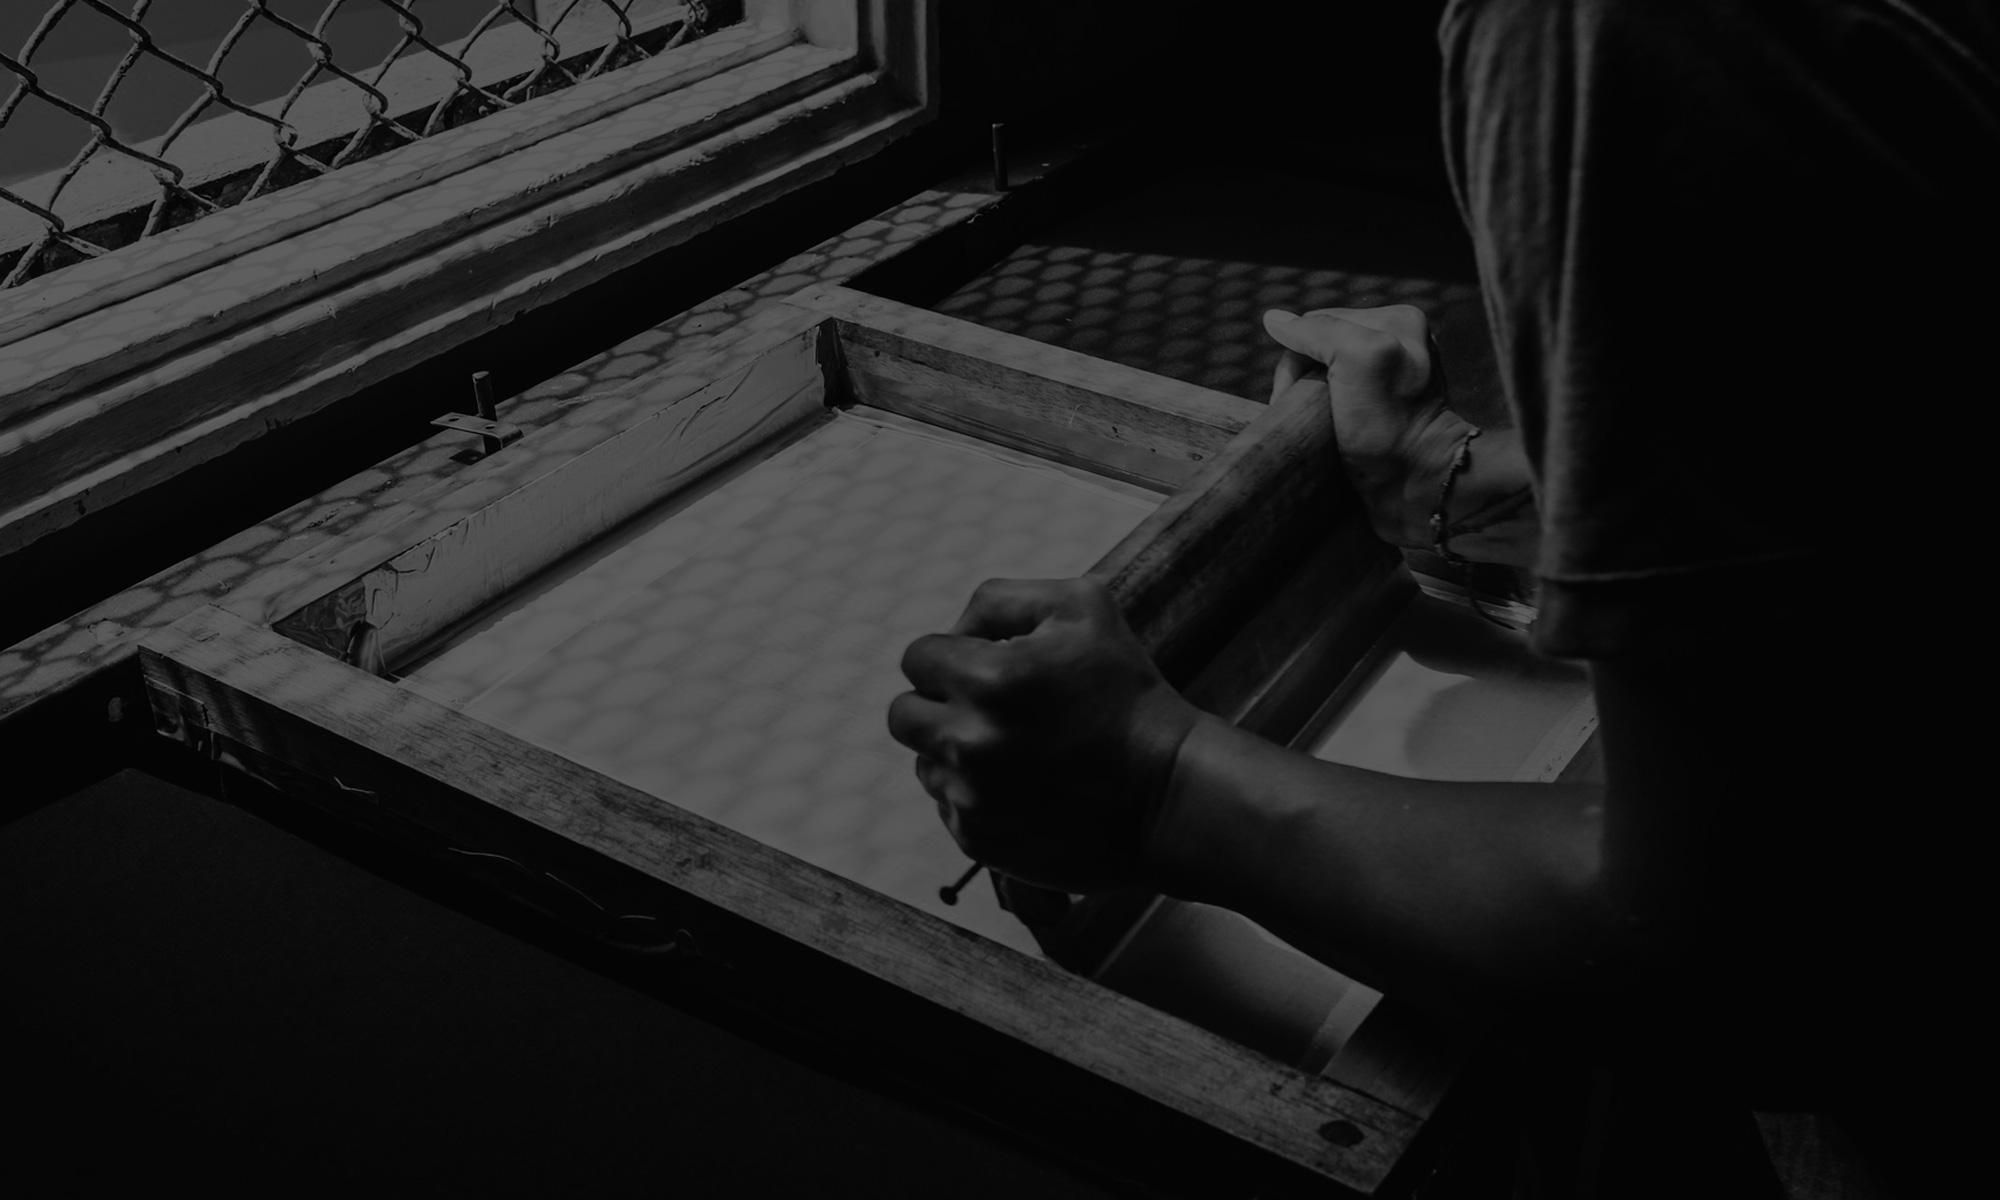 passaggi-ad-arte-laboratori-serigrafia